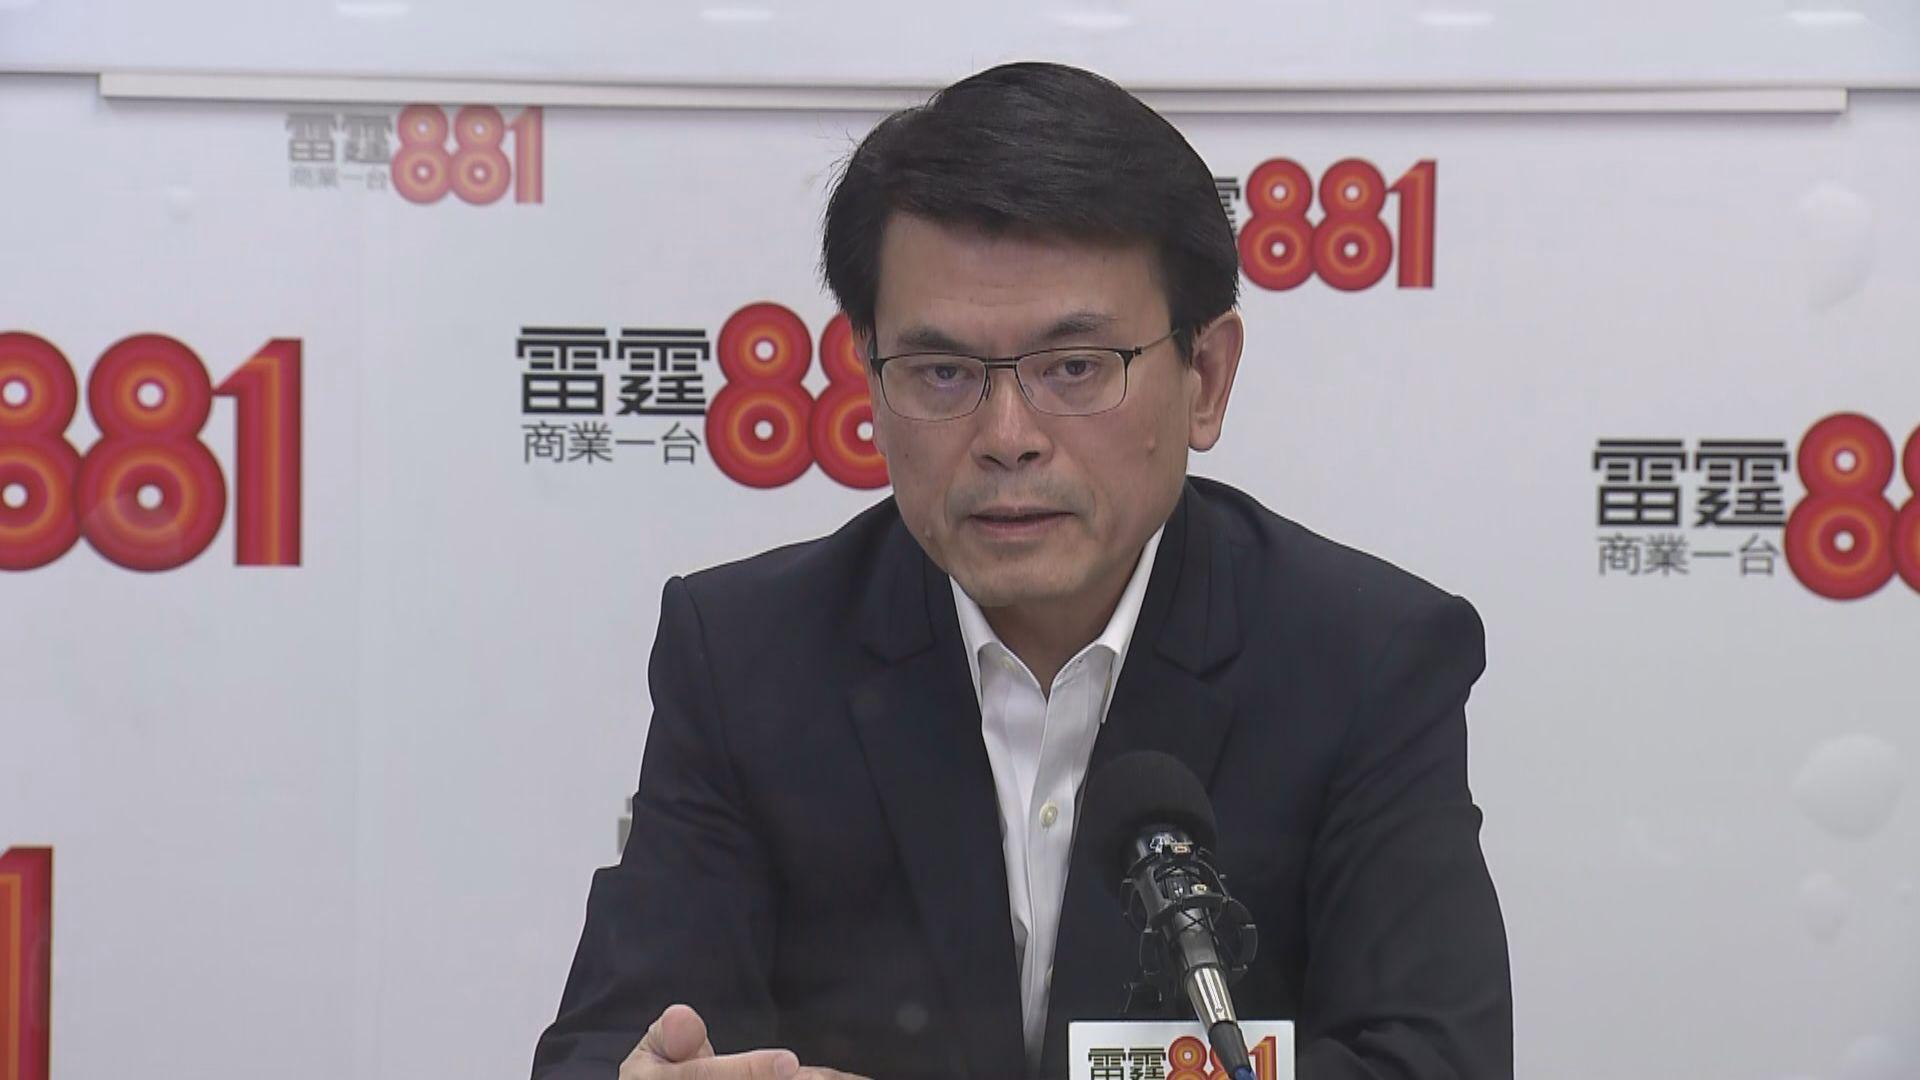 邱騰華憂暴力衝突影響港營商環境